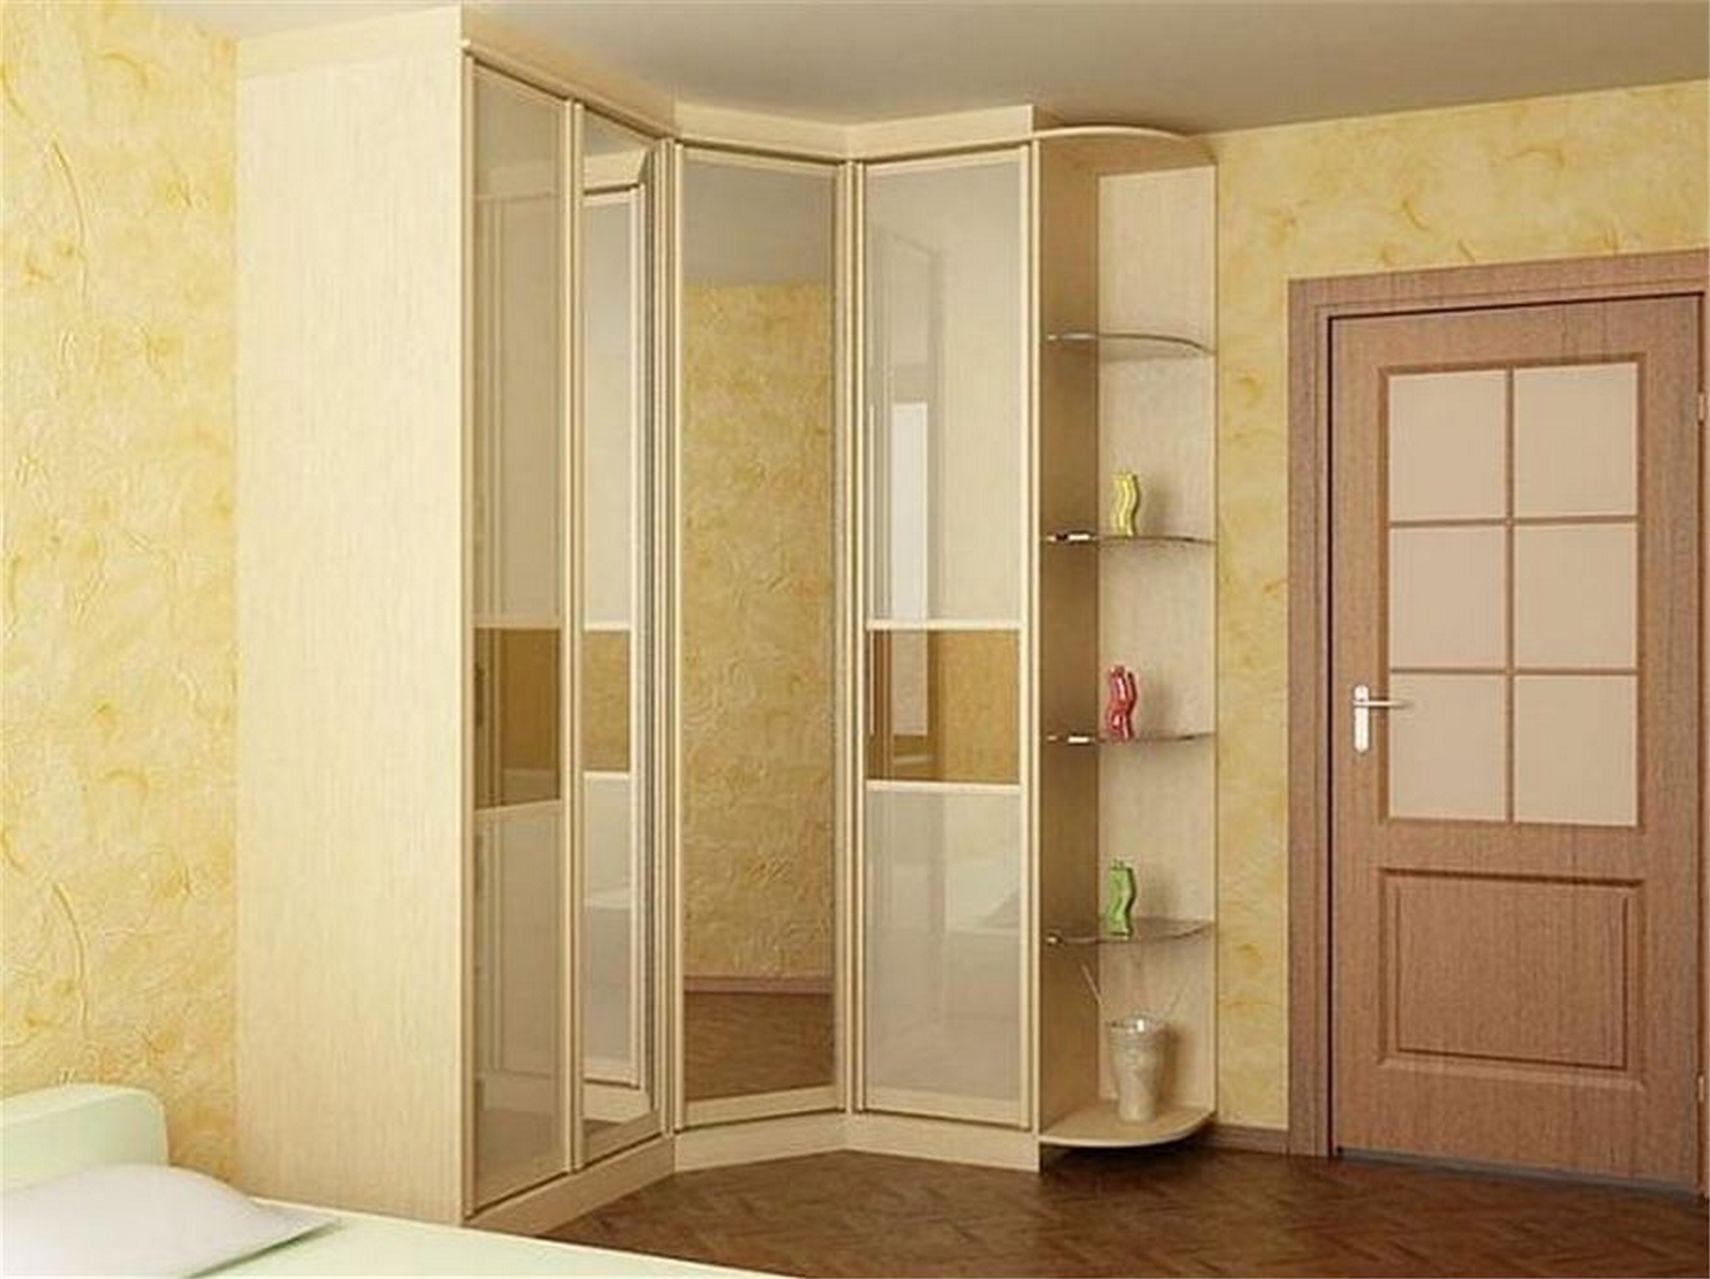 55 угловой шкаф-купе от производителя в москве: фото, размер.